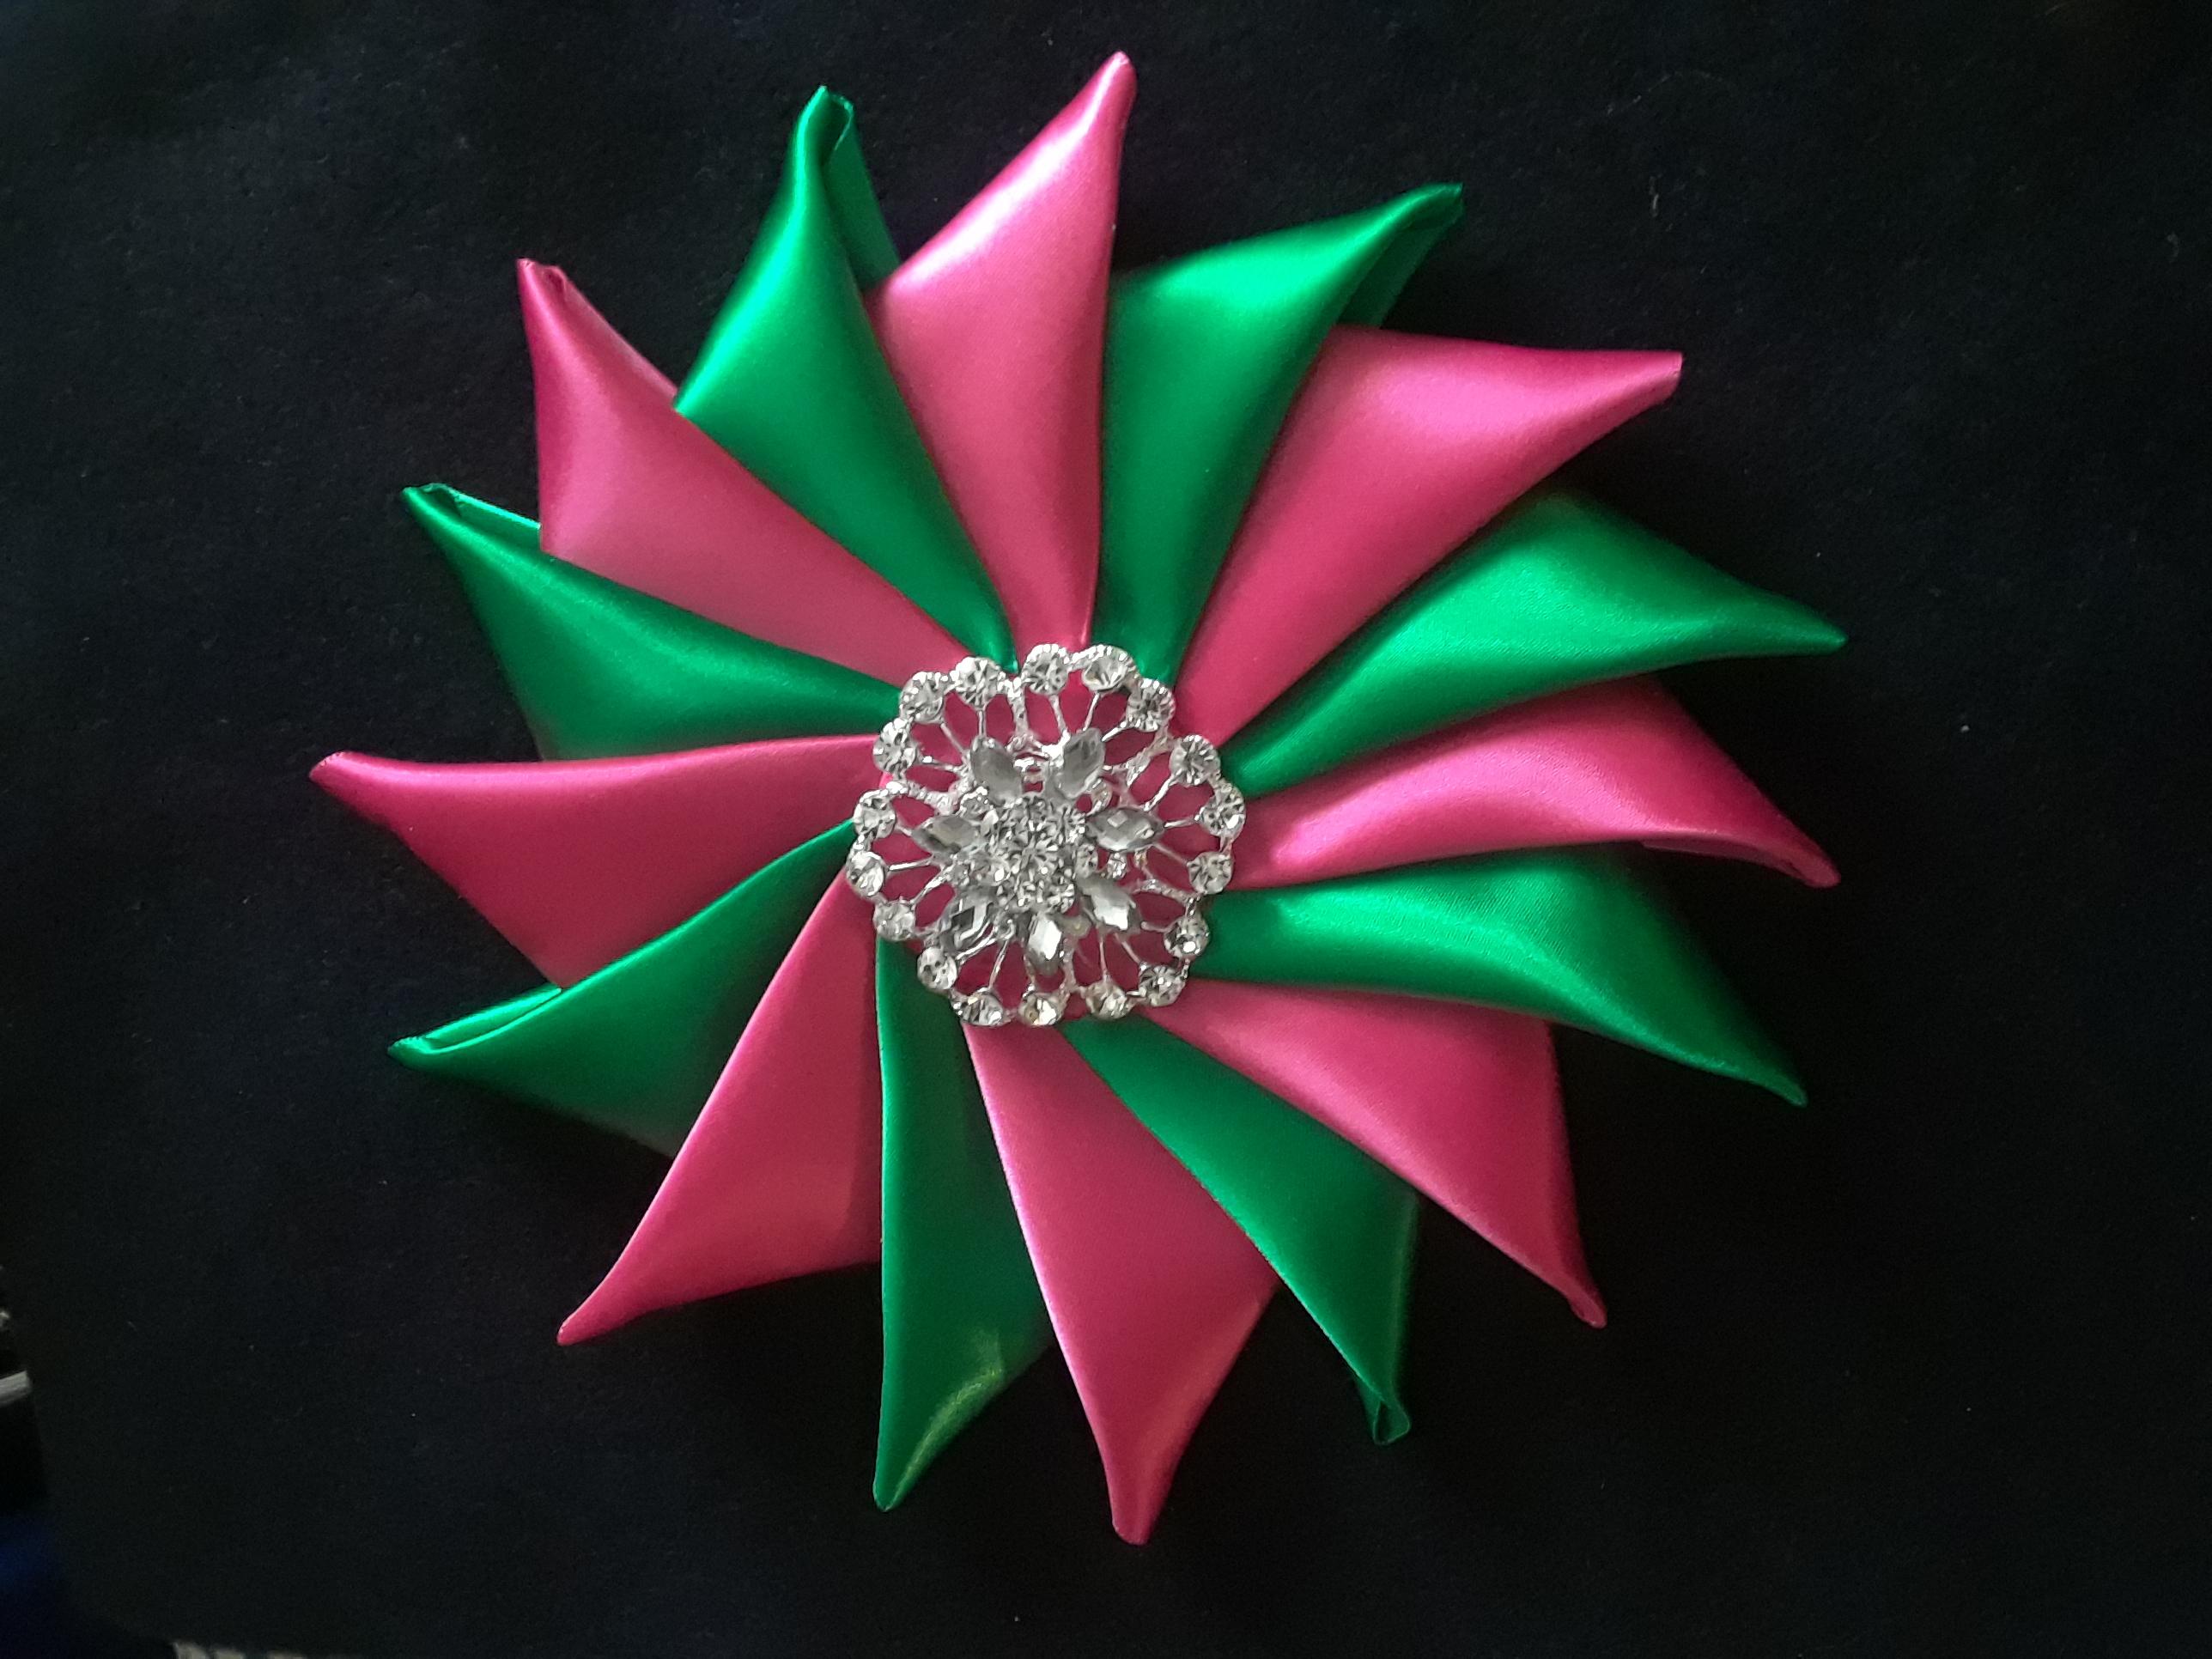 P/G spiral